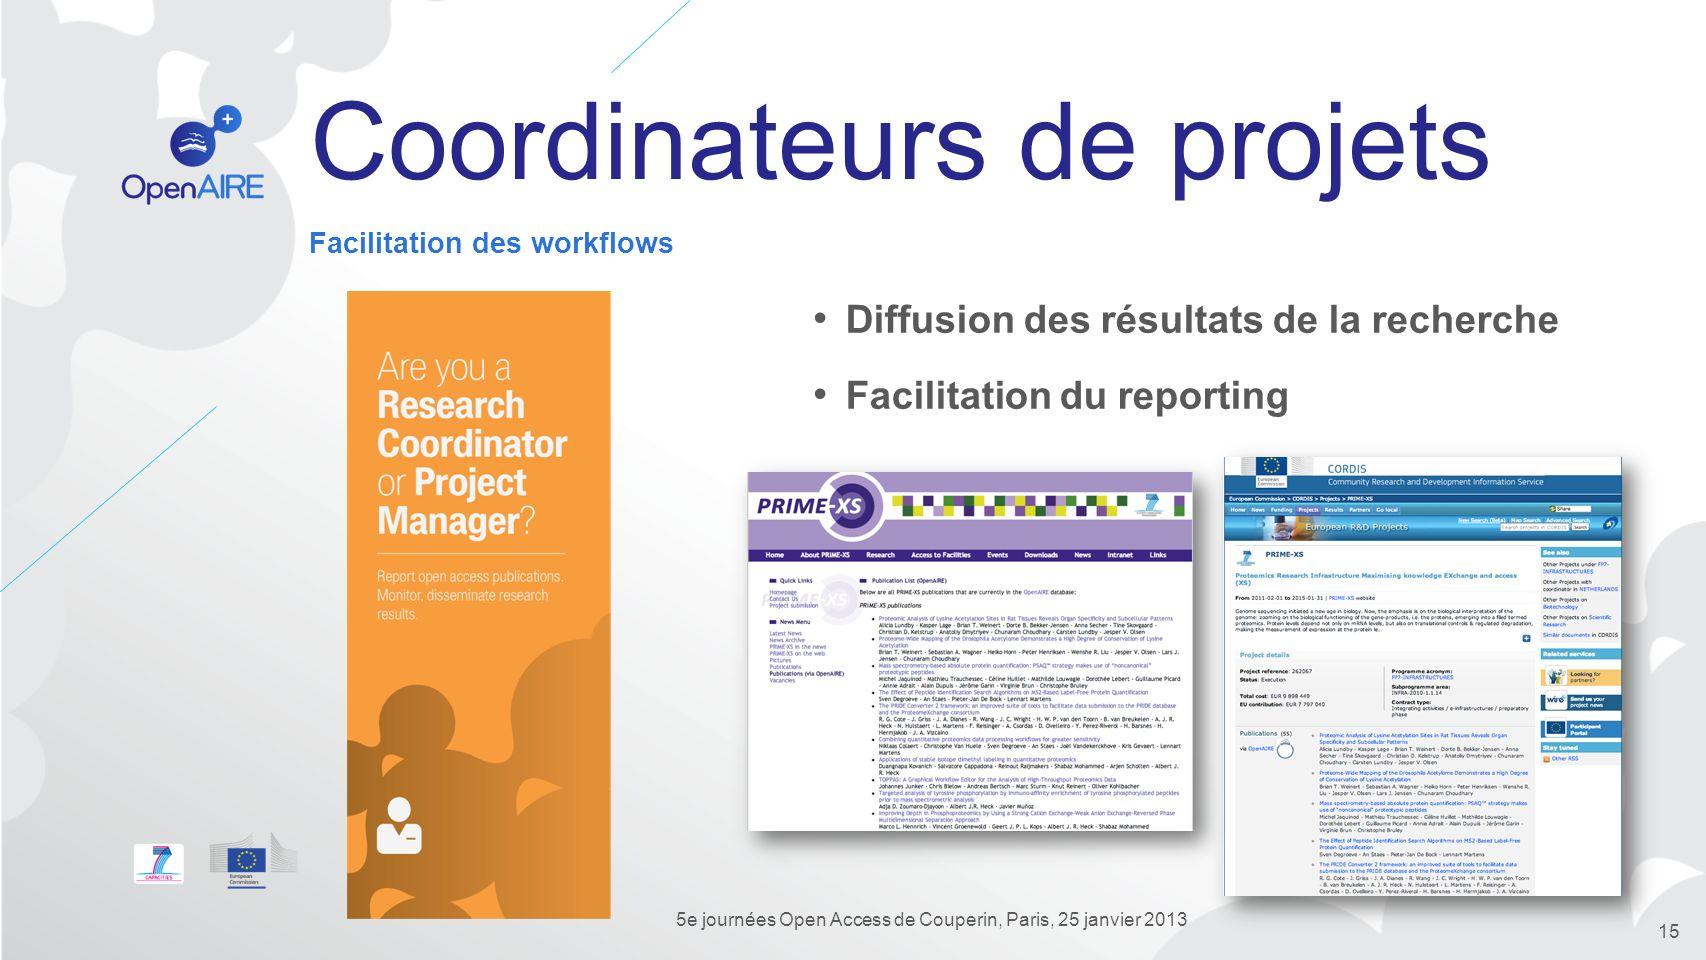 Coordinateurs de projets